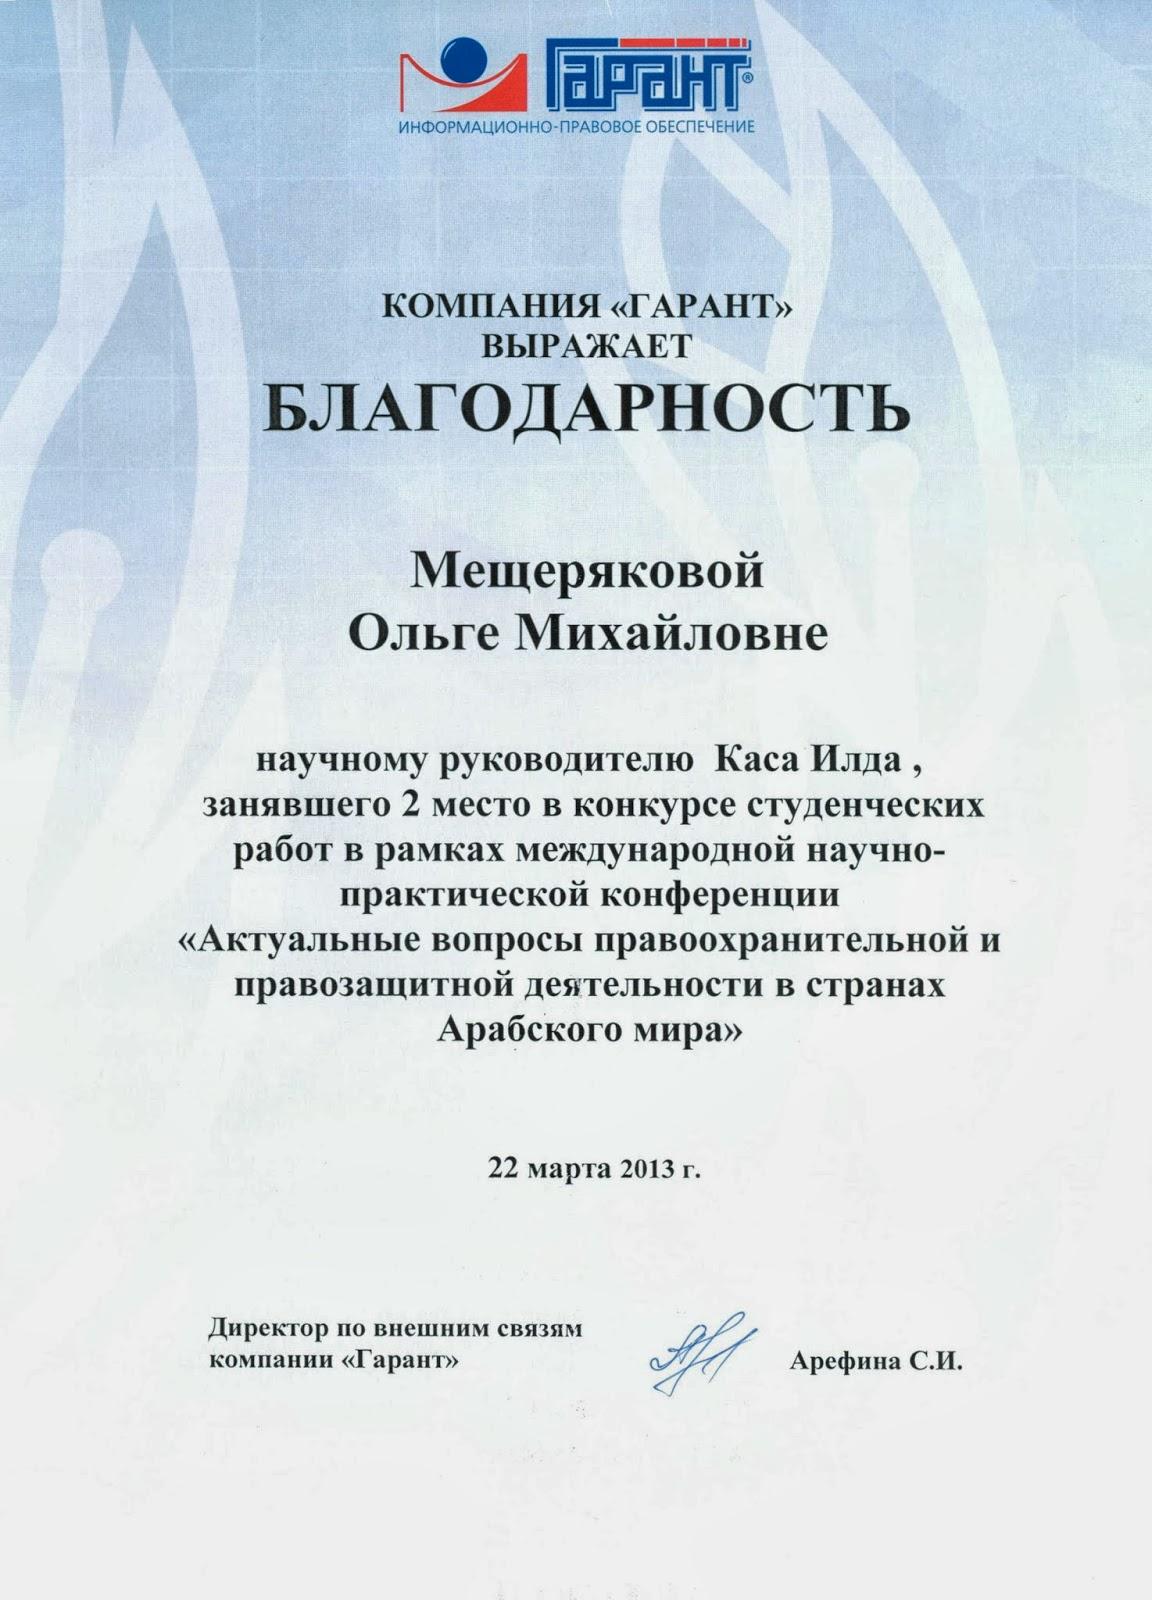 article 5 echr handbook